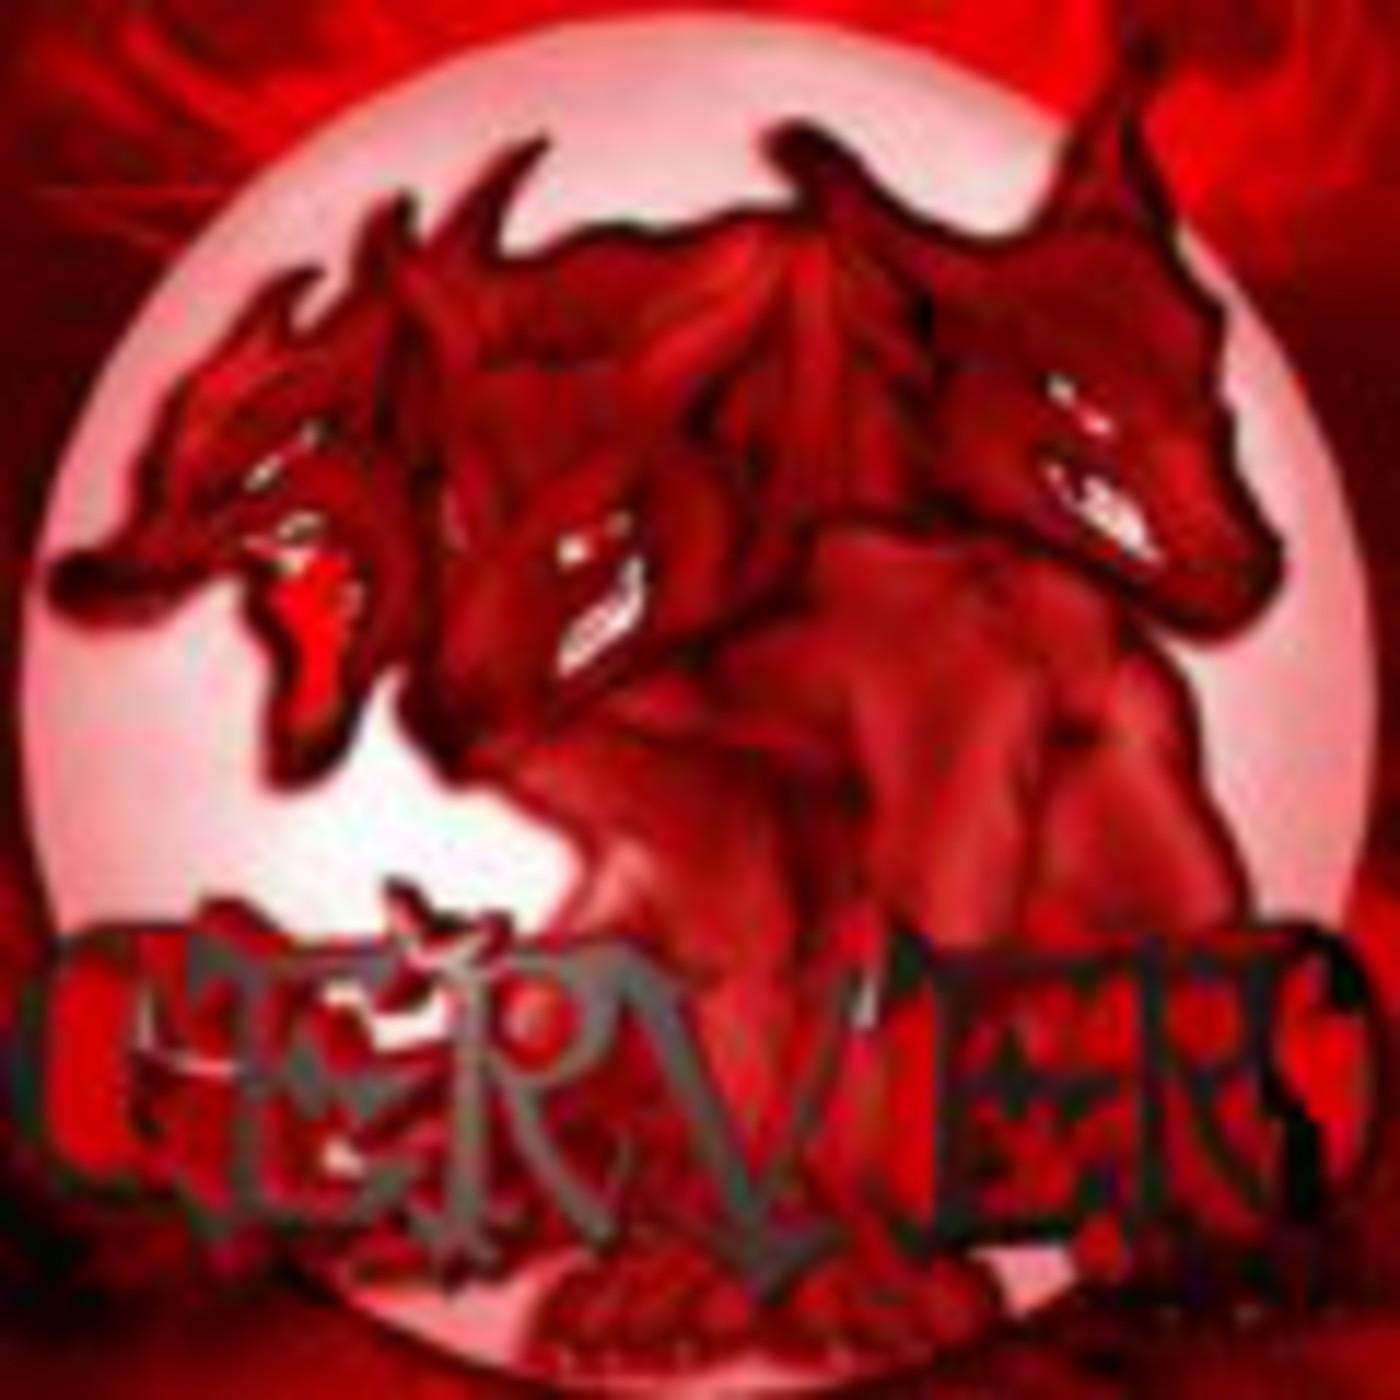 MrCervero